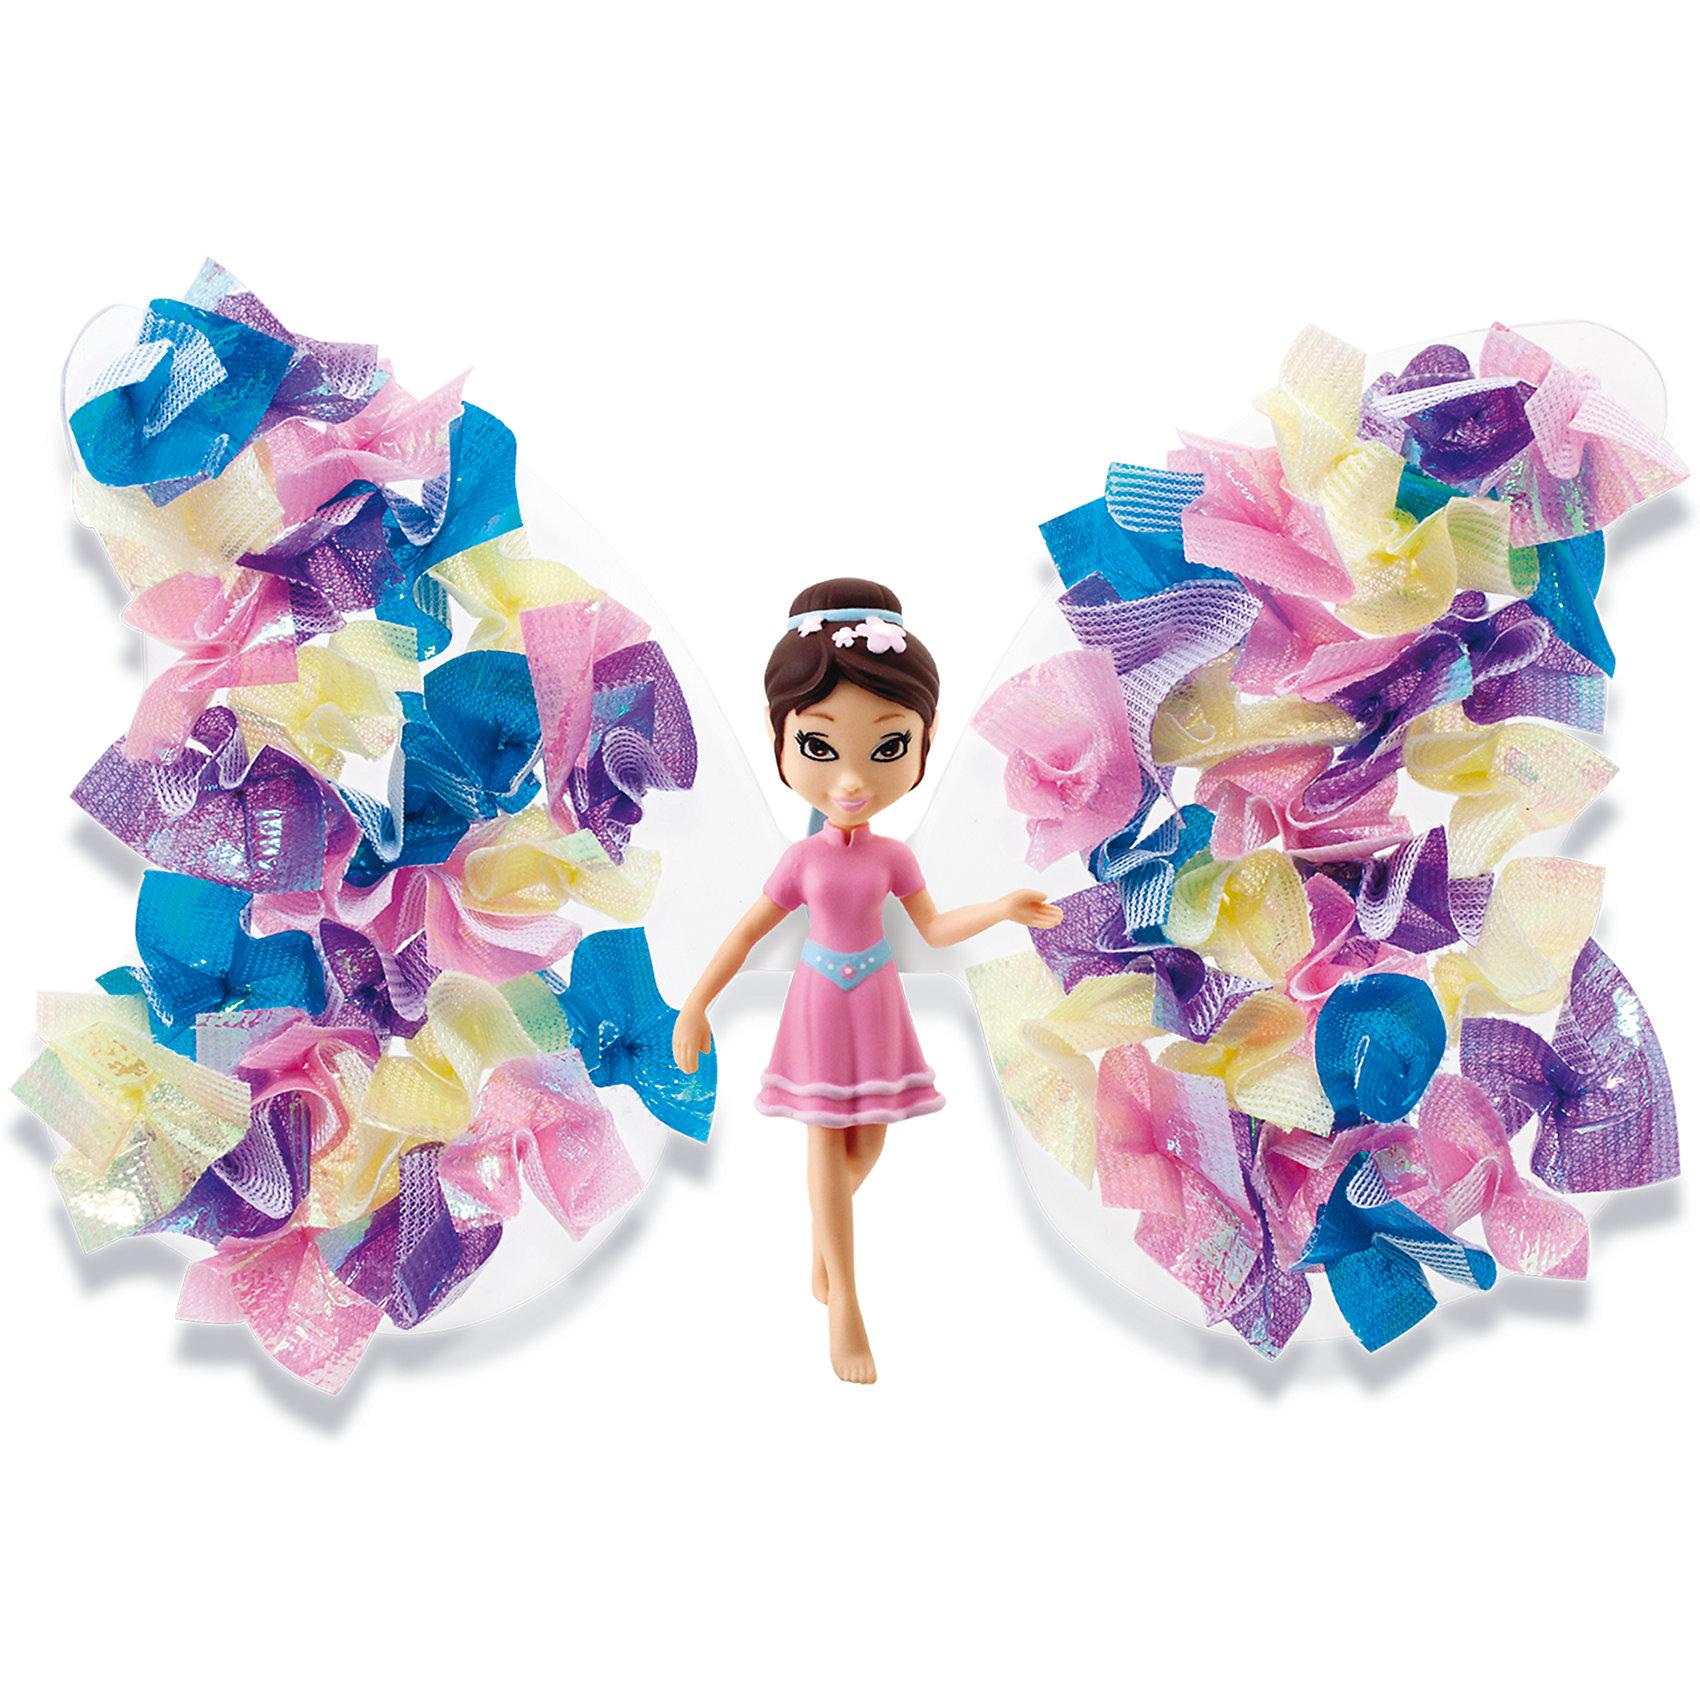 Игровой набор Фея Букетик, Shimmer WingСюжетно-ролевые игры<br>Собирай фей и питомцев, декорируй им крылья различными способами, и любуйся!<br>В набор входит -фея, питомец, подставка для феи, крылья для феи и для питомца, аксессуары для декорирования крыльев.<br><br>Ширина мм: 90<br>Глубина мм: 200<br>Высота мм: 210<br>Вес г: 141<br>Возраст от месяцев: 60<br>Возраст до месяцев: 2147483647<br>Пол: Женский<br>Возраст: Детский<br>SKU: 5478829